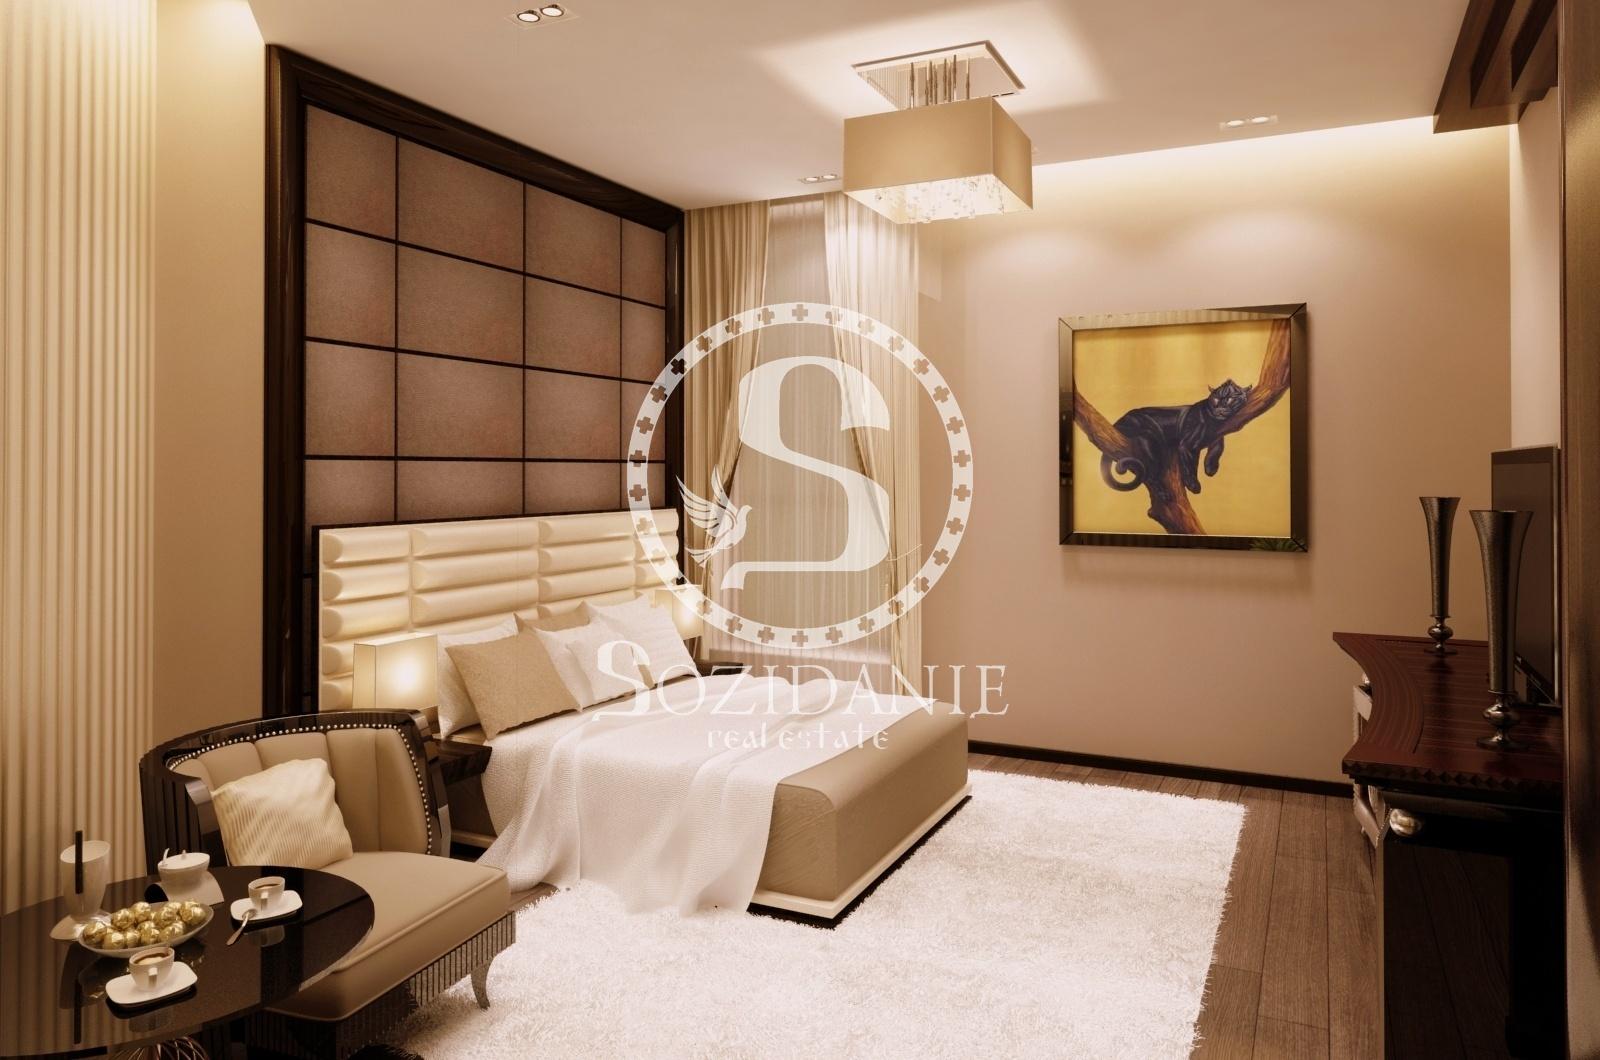 6 Bedrooms, Загородная, Продажа, Listing ID 1505, Московская область, Россия,